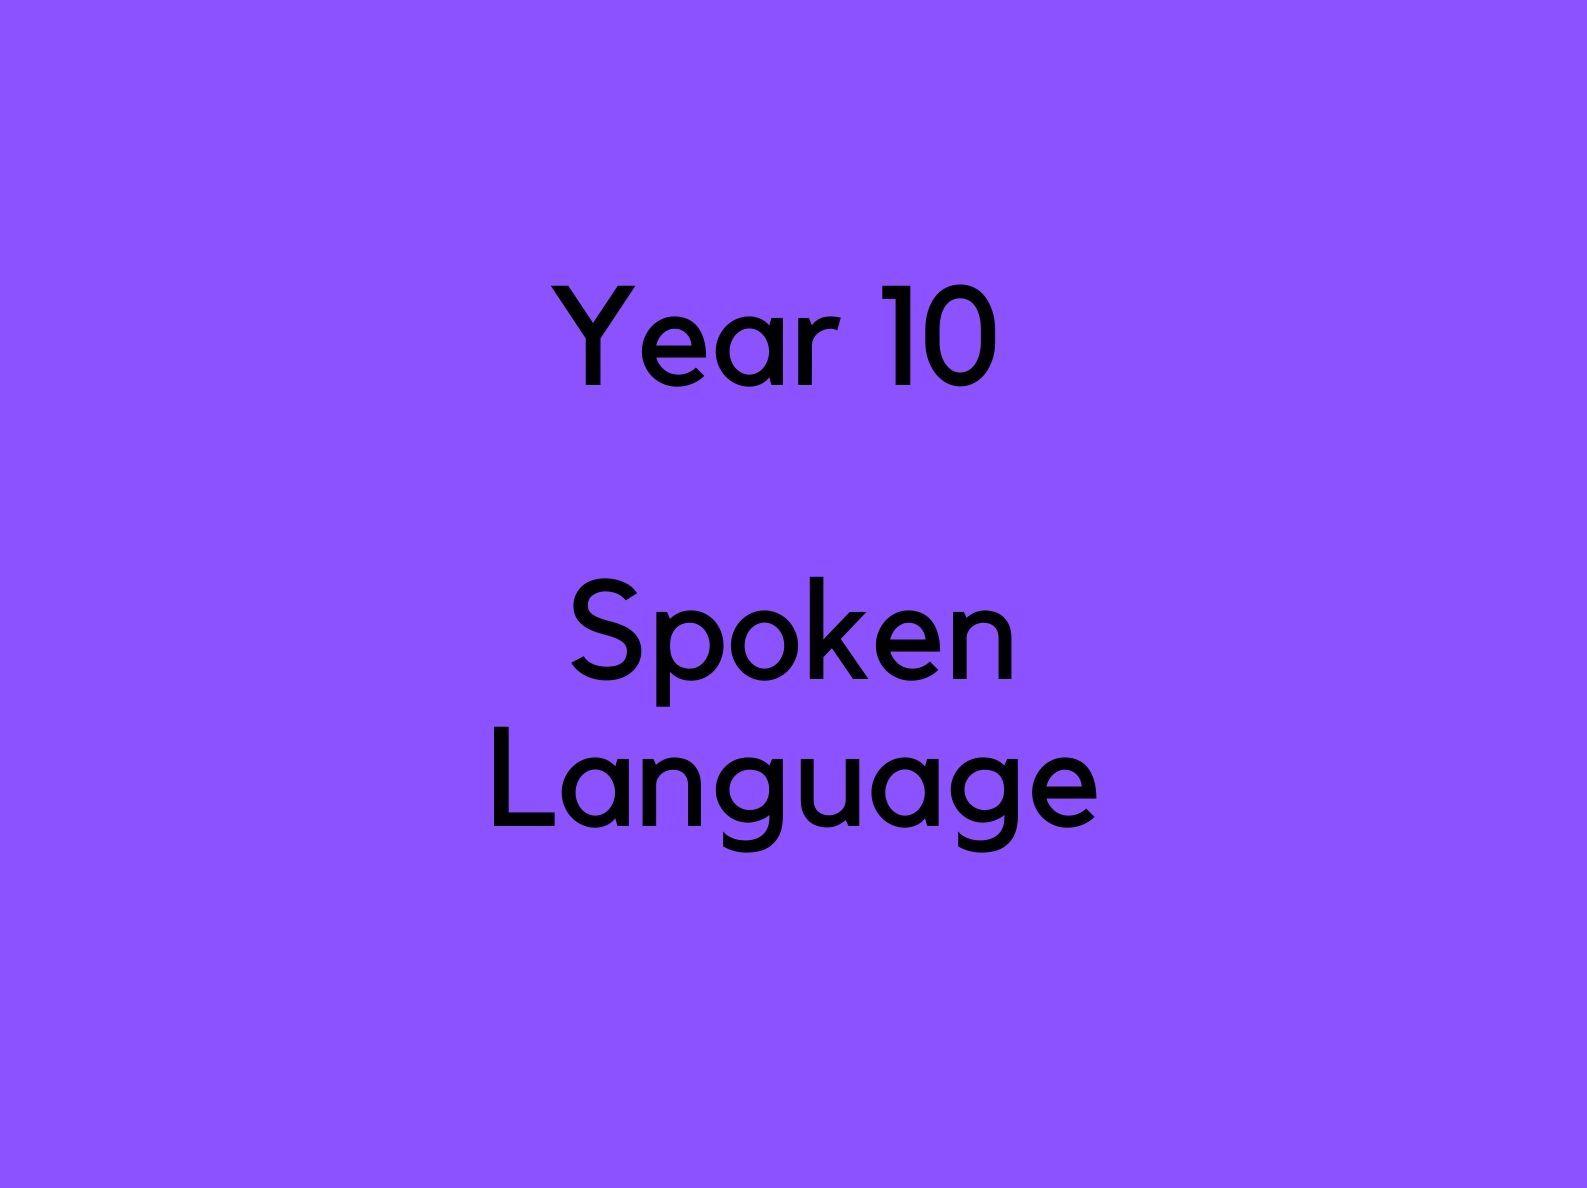 Spoken Language Analysis